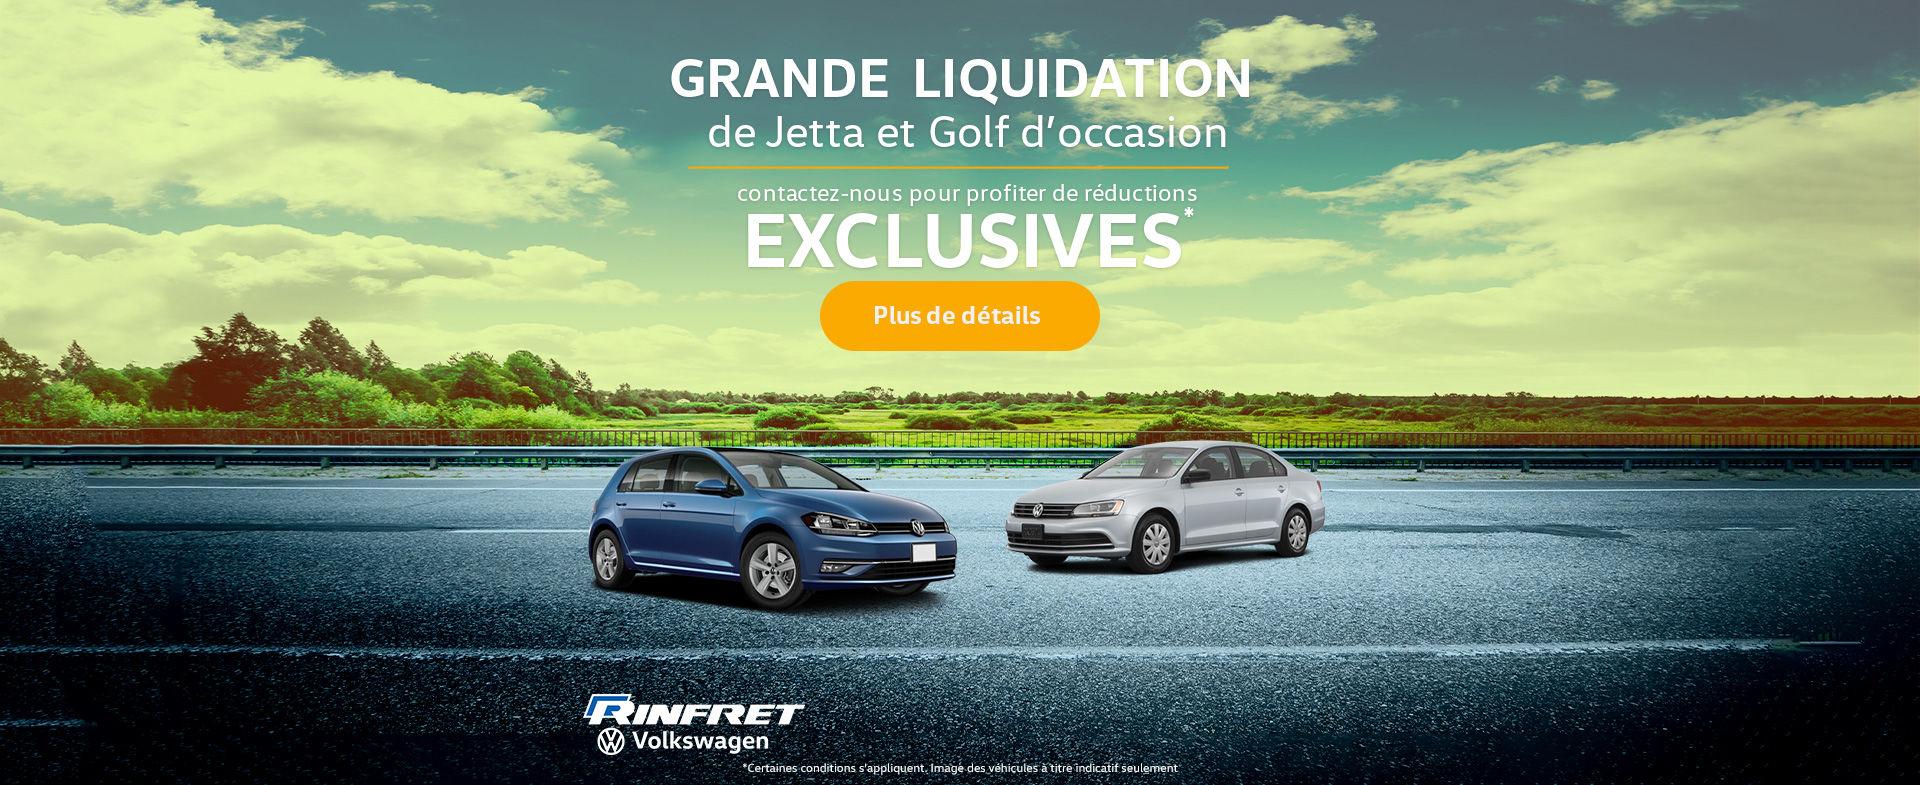 Grande liquidation Jetta et Golf d'occasion